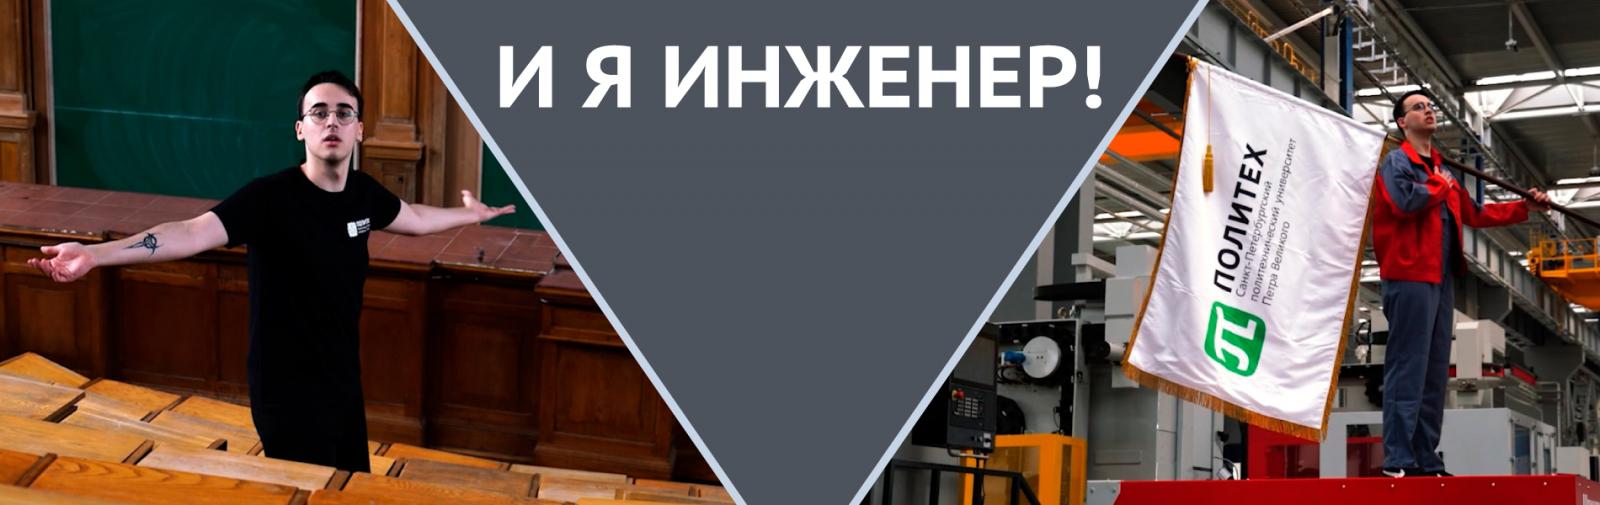 И я инженер!